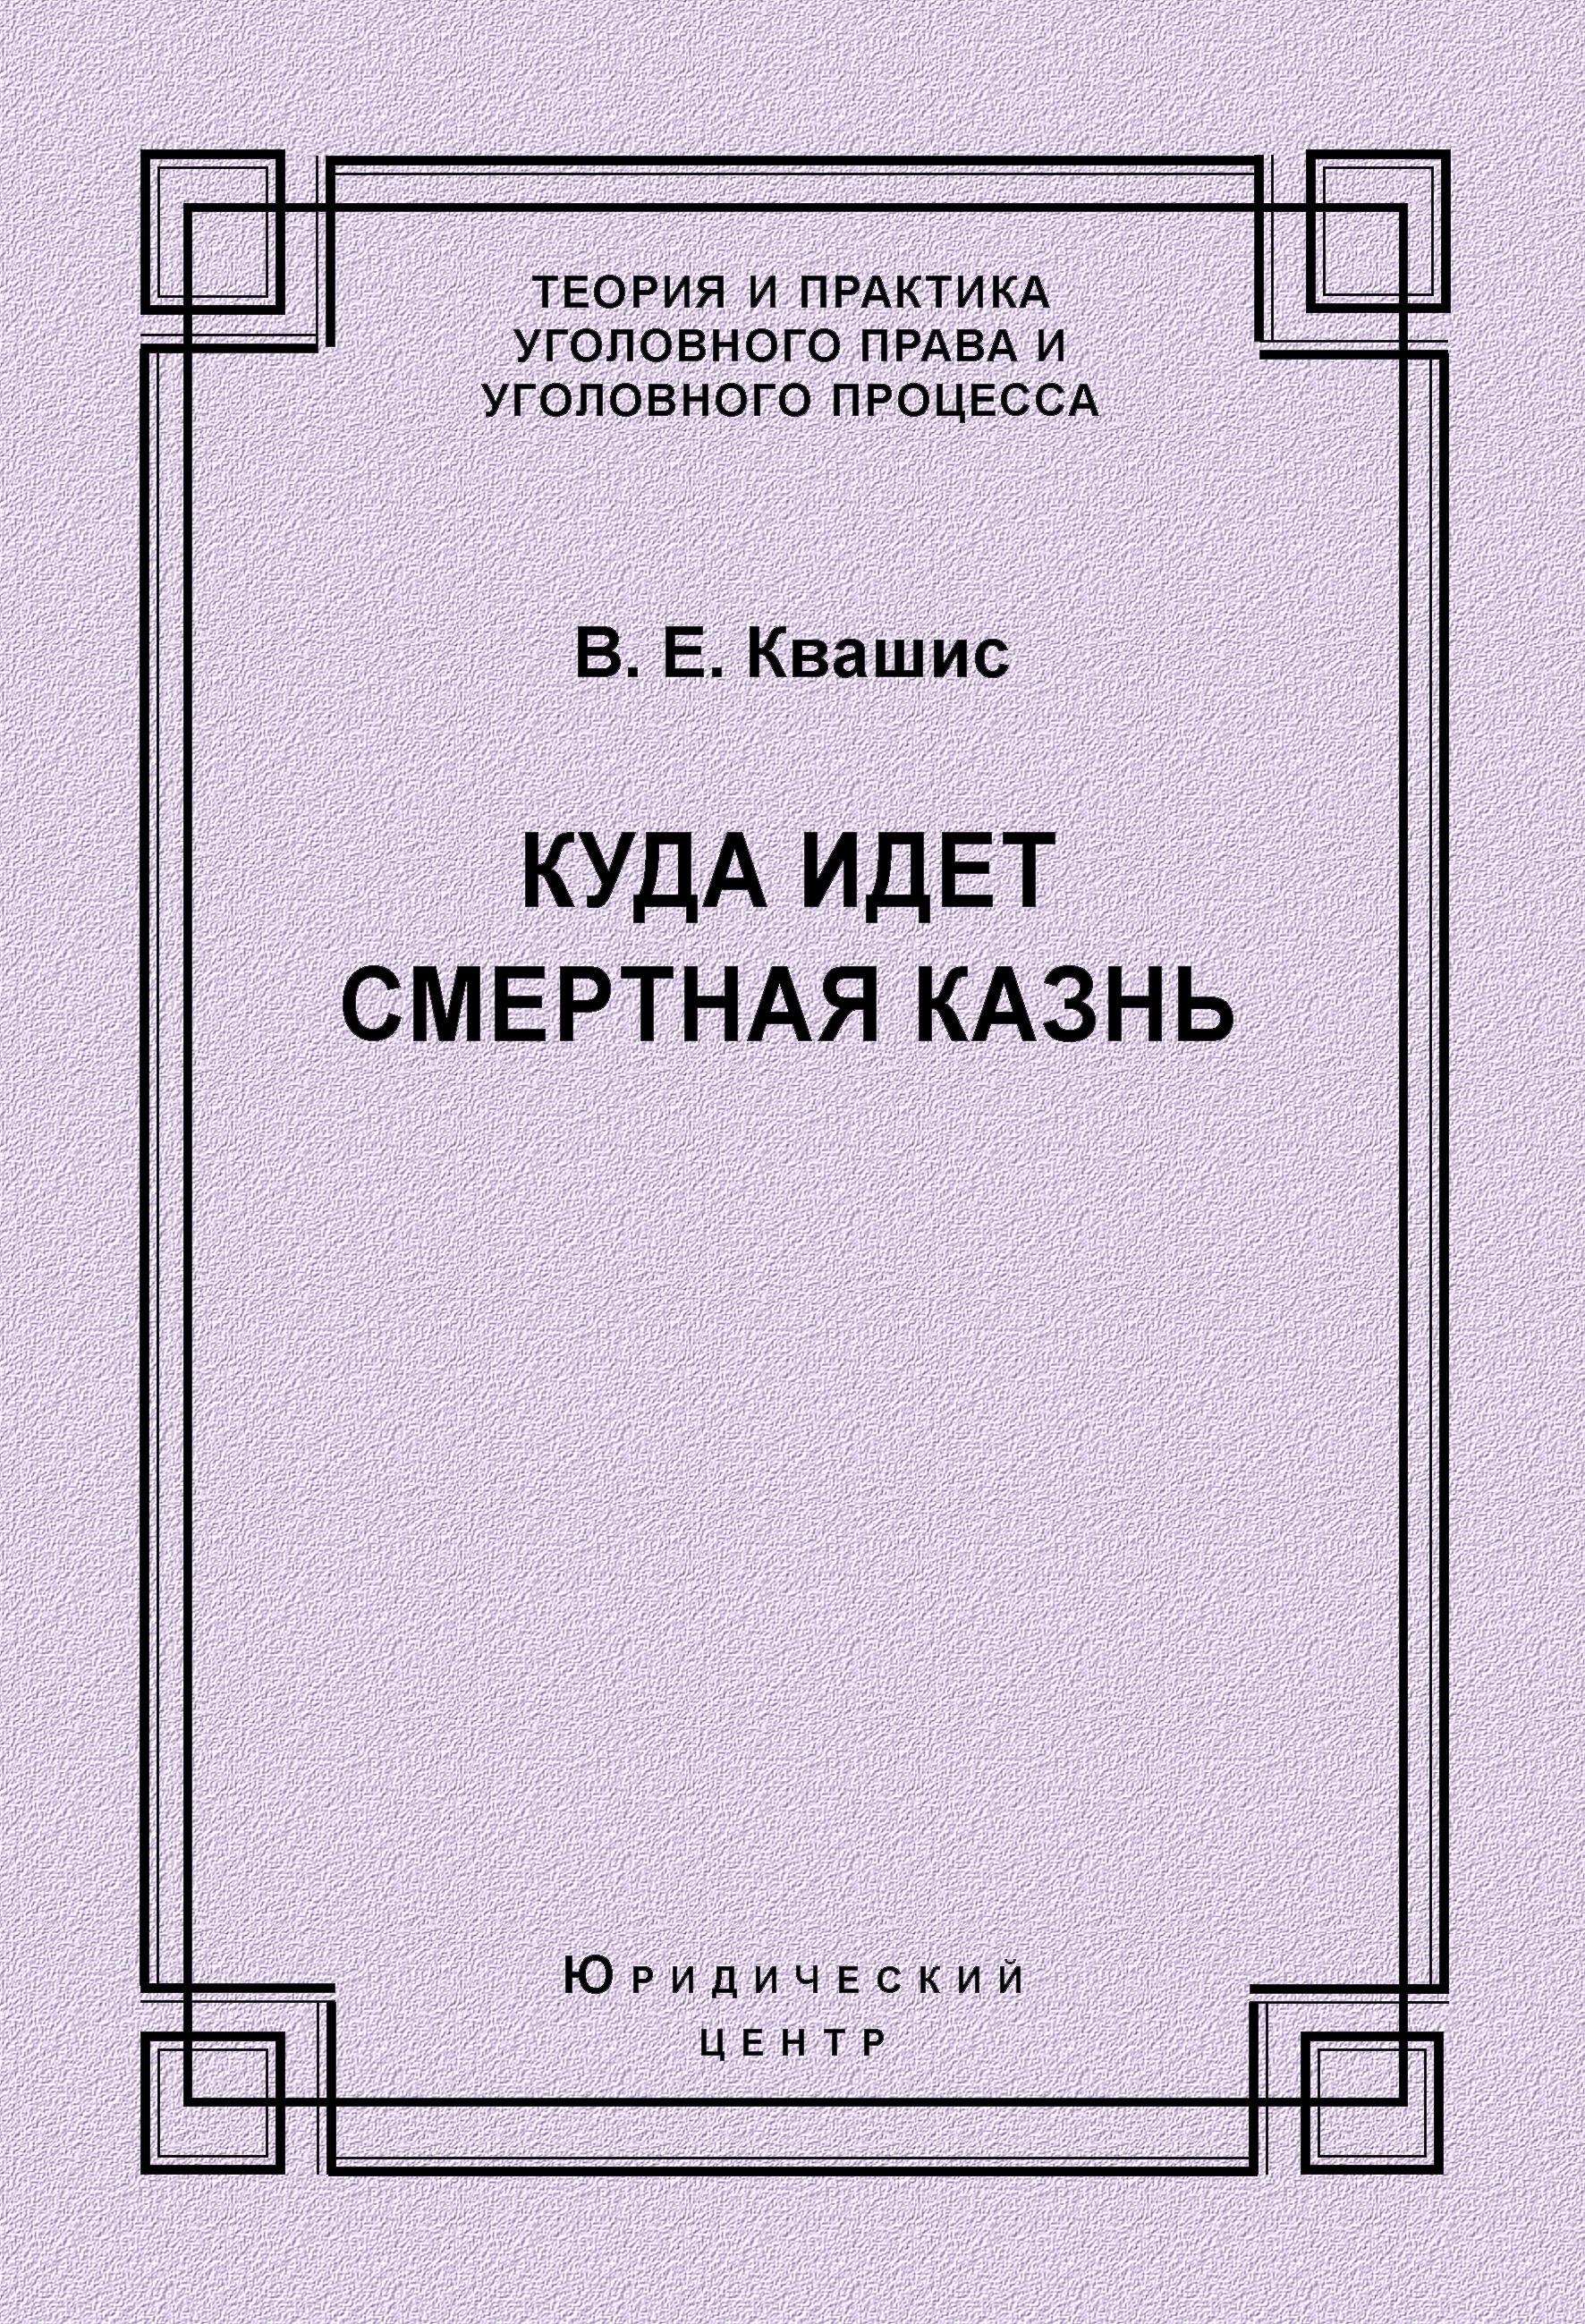 В. Е. Квашис Куда идет смертная казнь